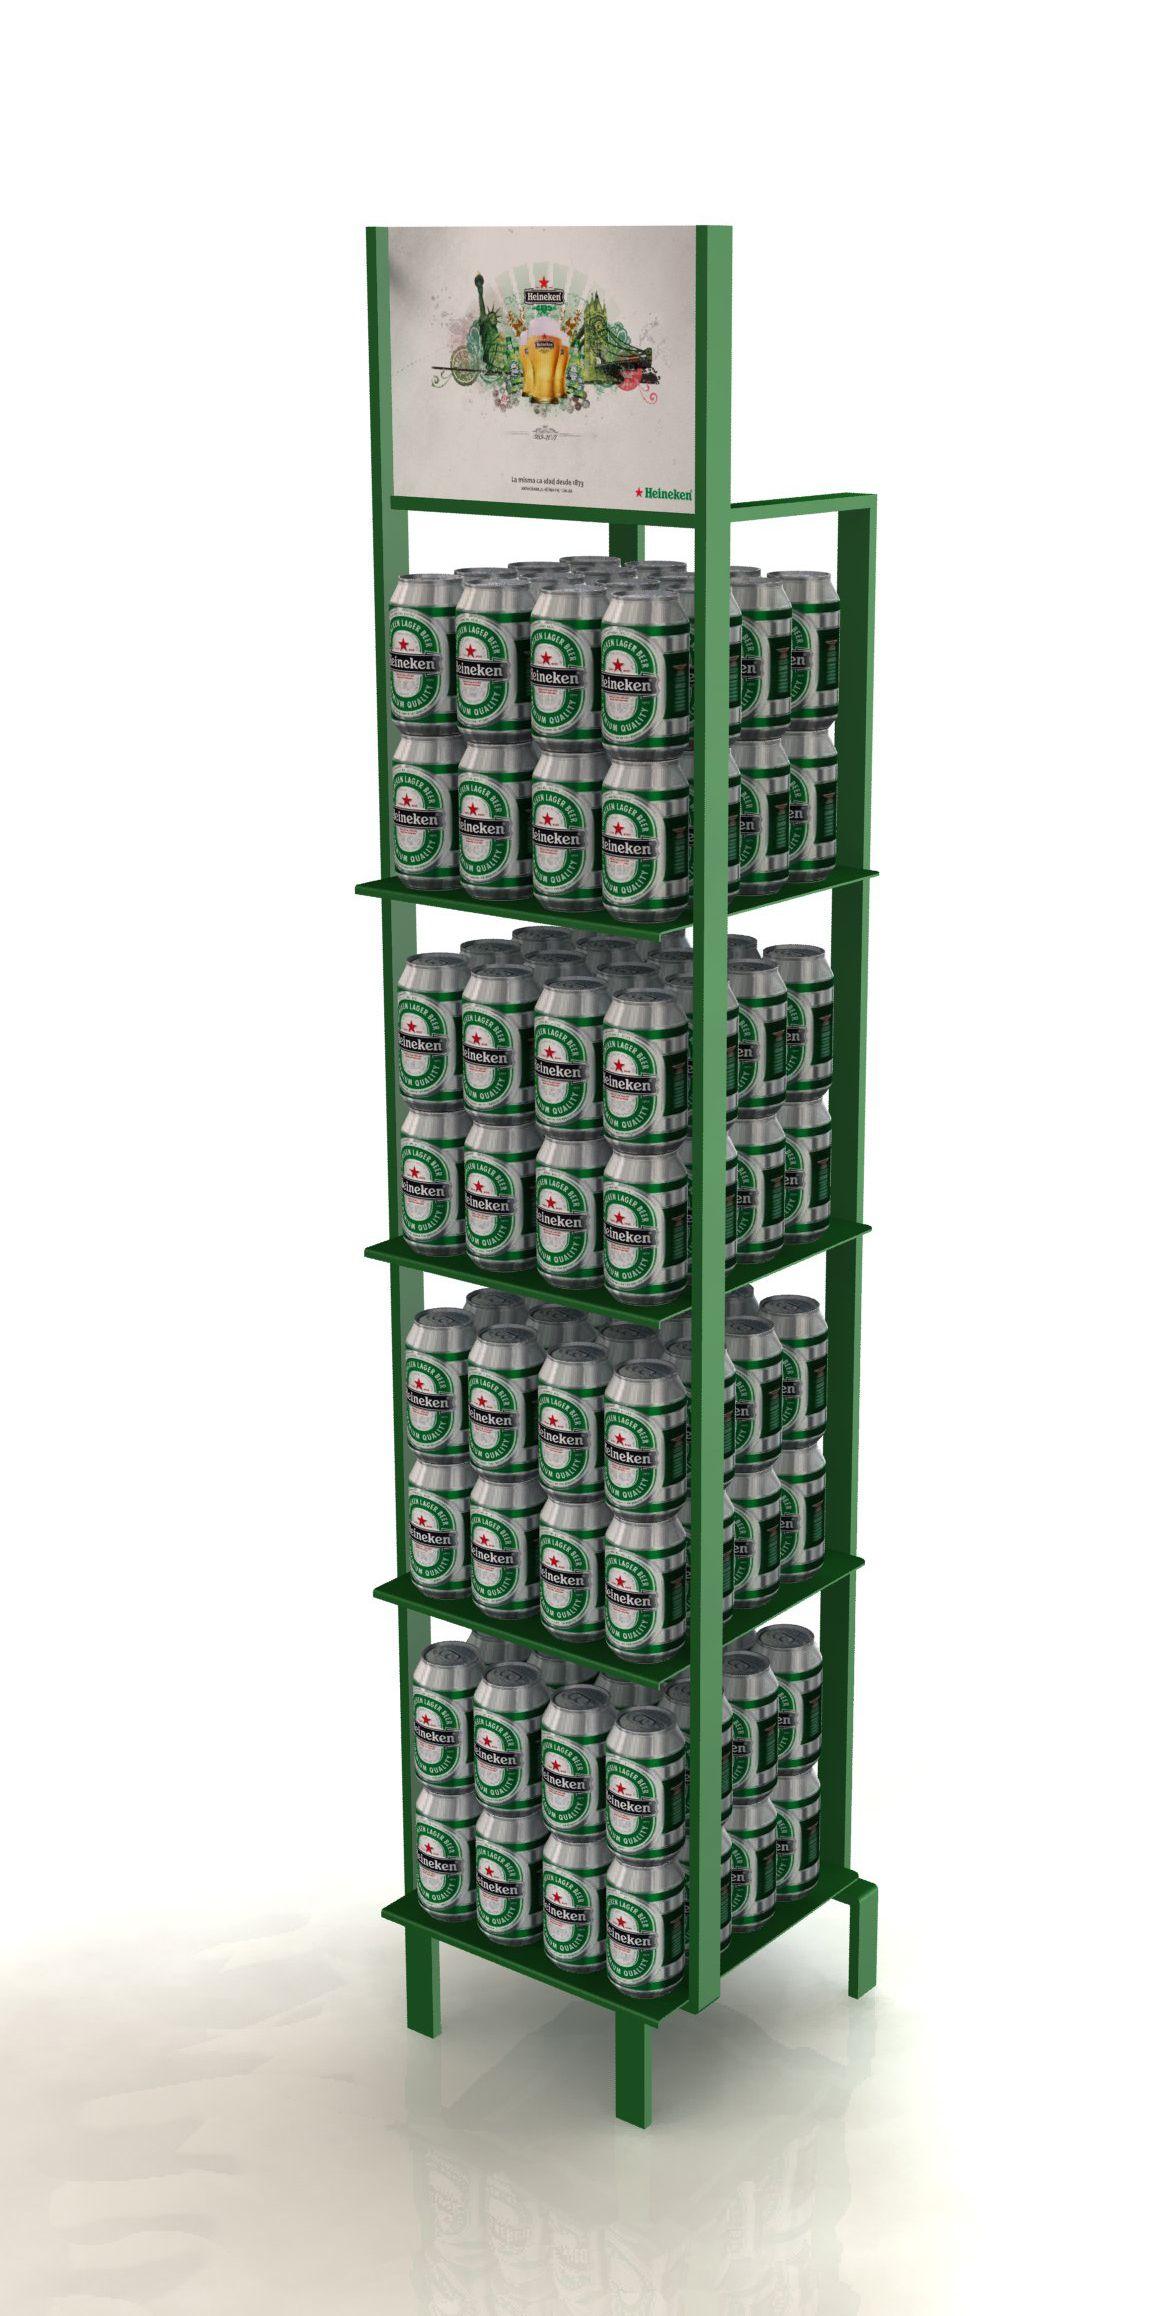 Expositor metálica con cartela desmontable para colocar botes Heineken. Es un expositor estrecho y resistente para colocar en pequeñas superficies.